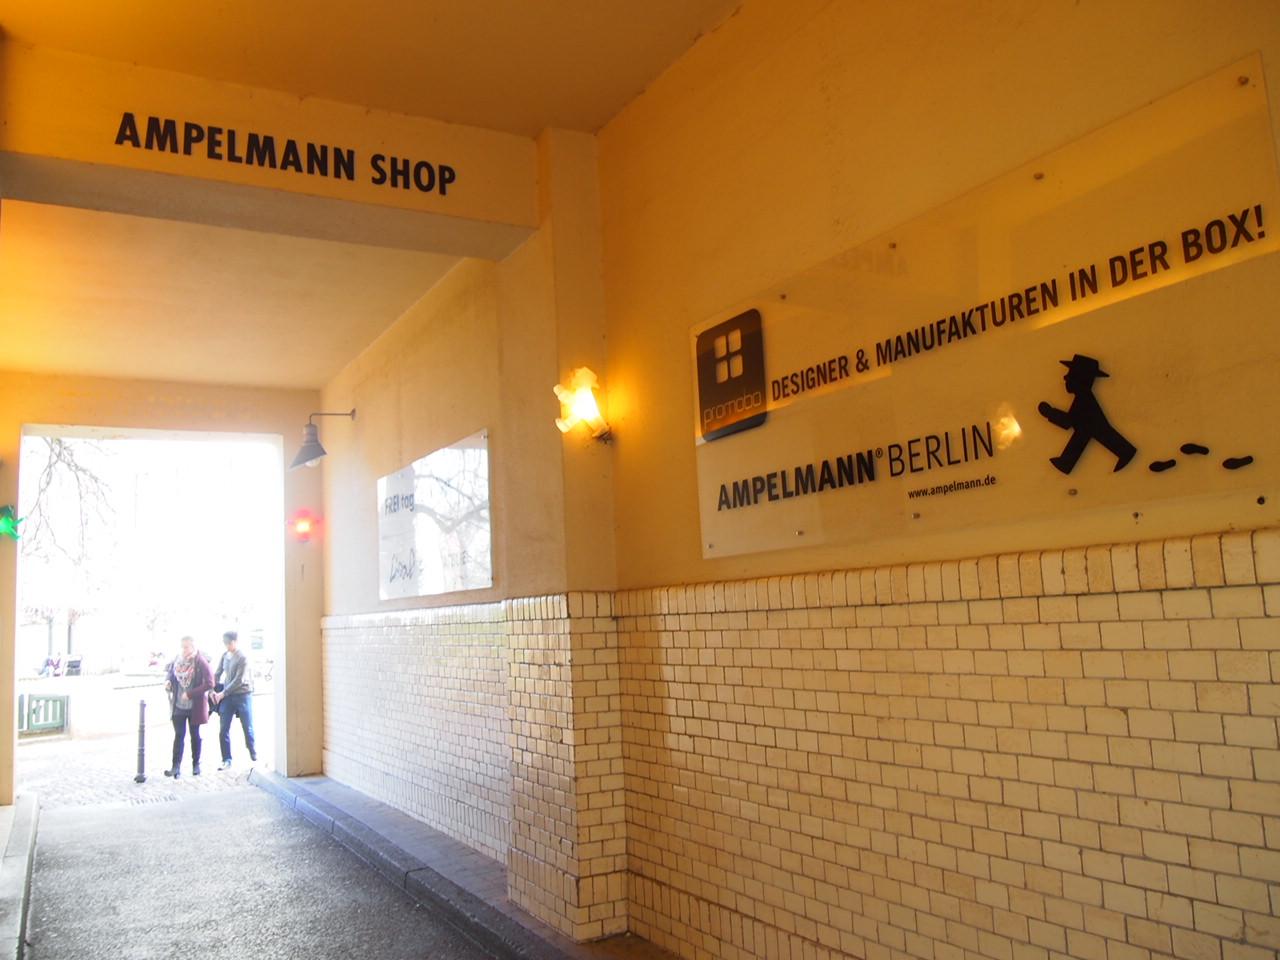 ドイツのお土産を買うならベルリン名物ホーフで買い物がおすすめ!